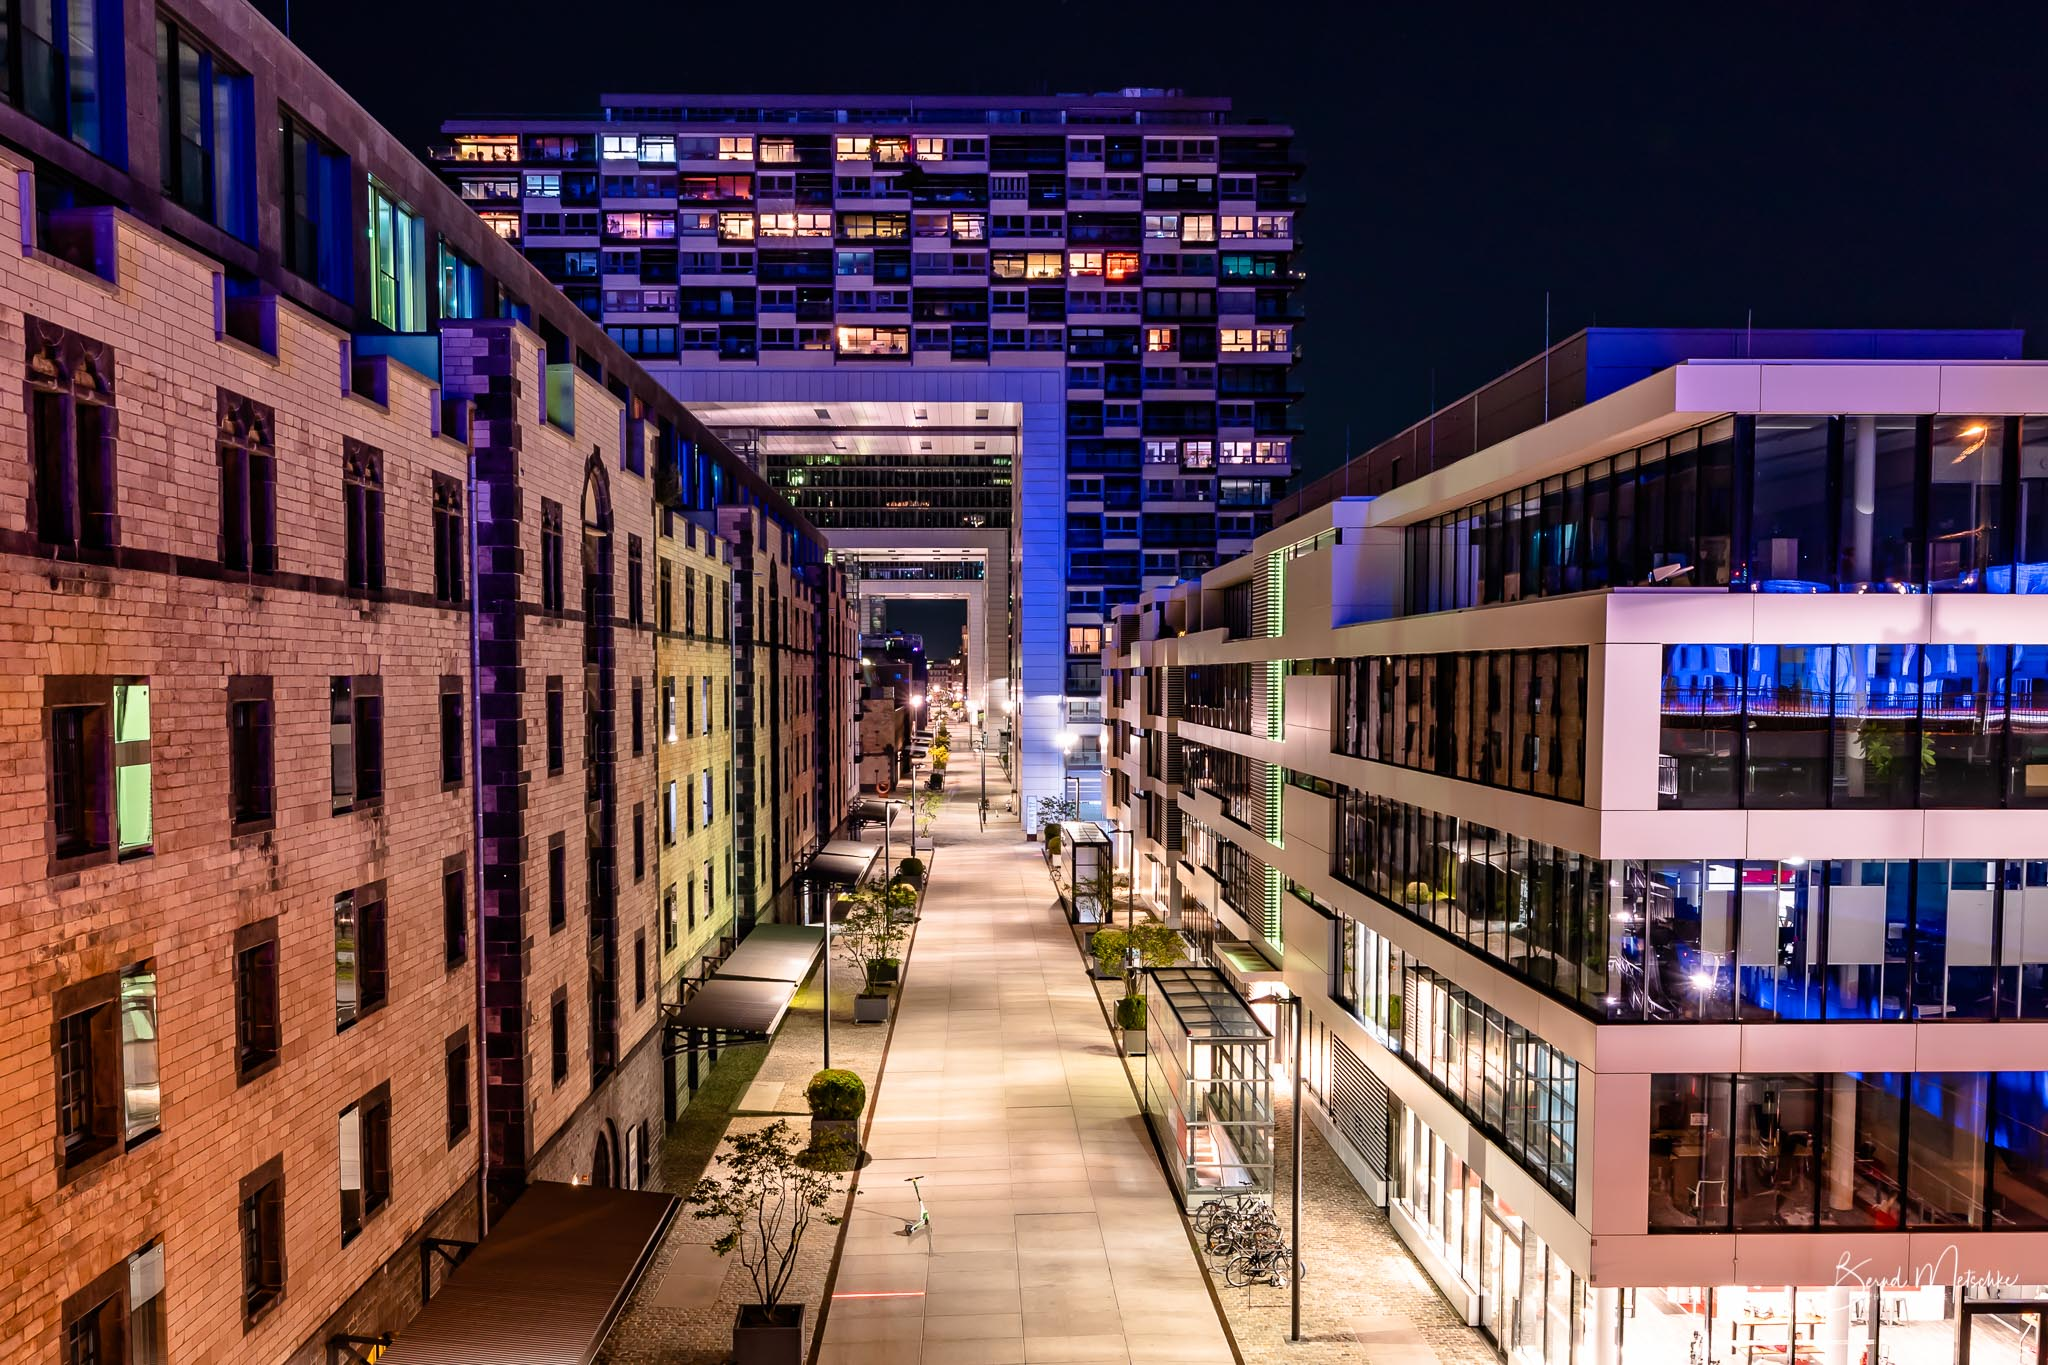 Die Kranhäuser im Kölner Rheinauhafen sind drei moderne Gebäude am Abend.